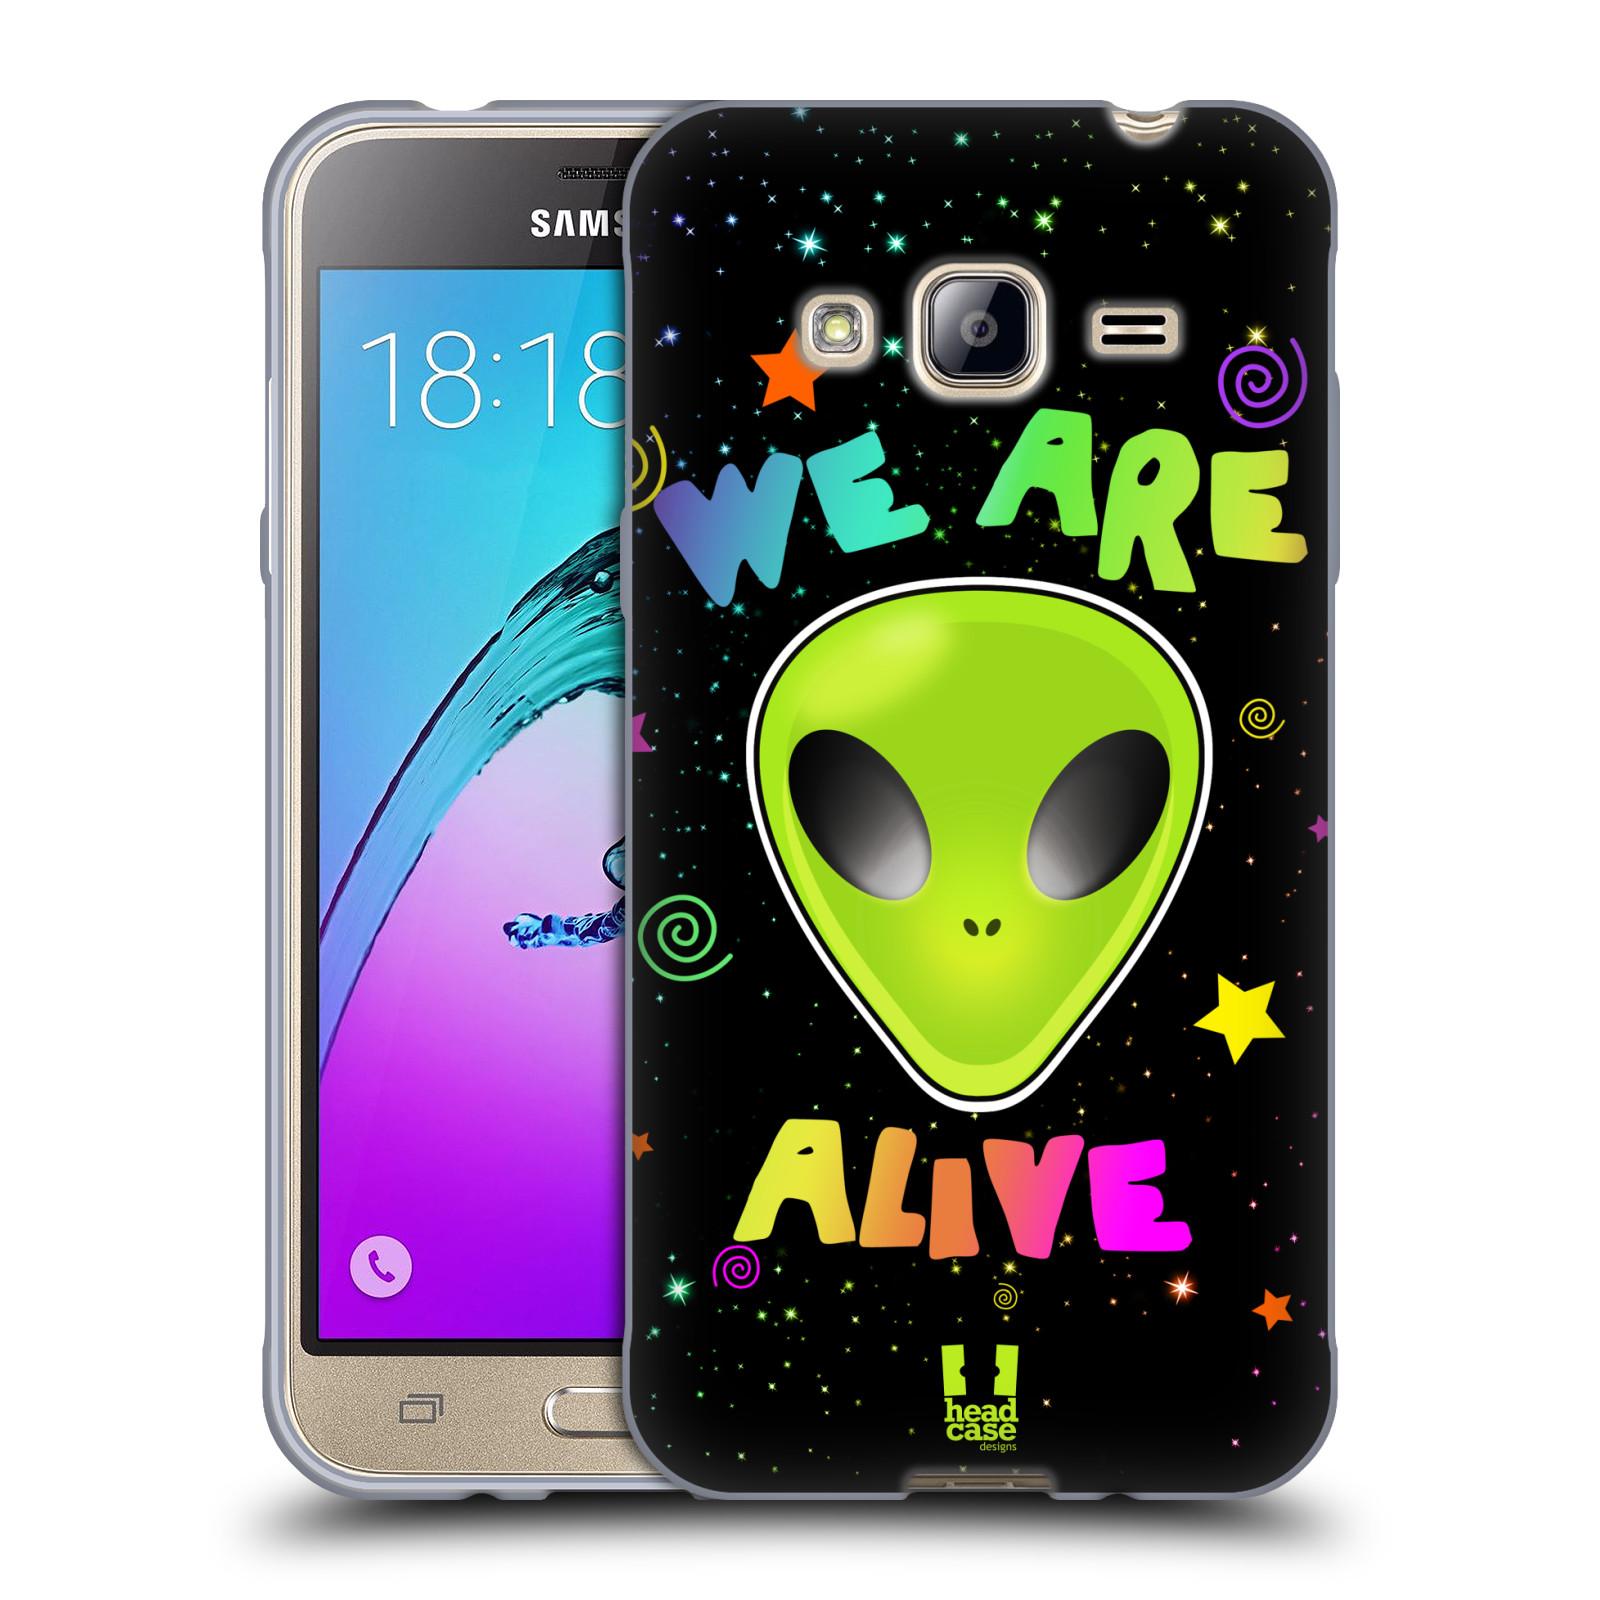 Silikonové pouzdro na mobil Samsung Galaxy J3 (2016) HEAD CASE ALIENS ALIVE